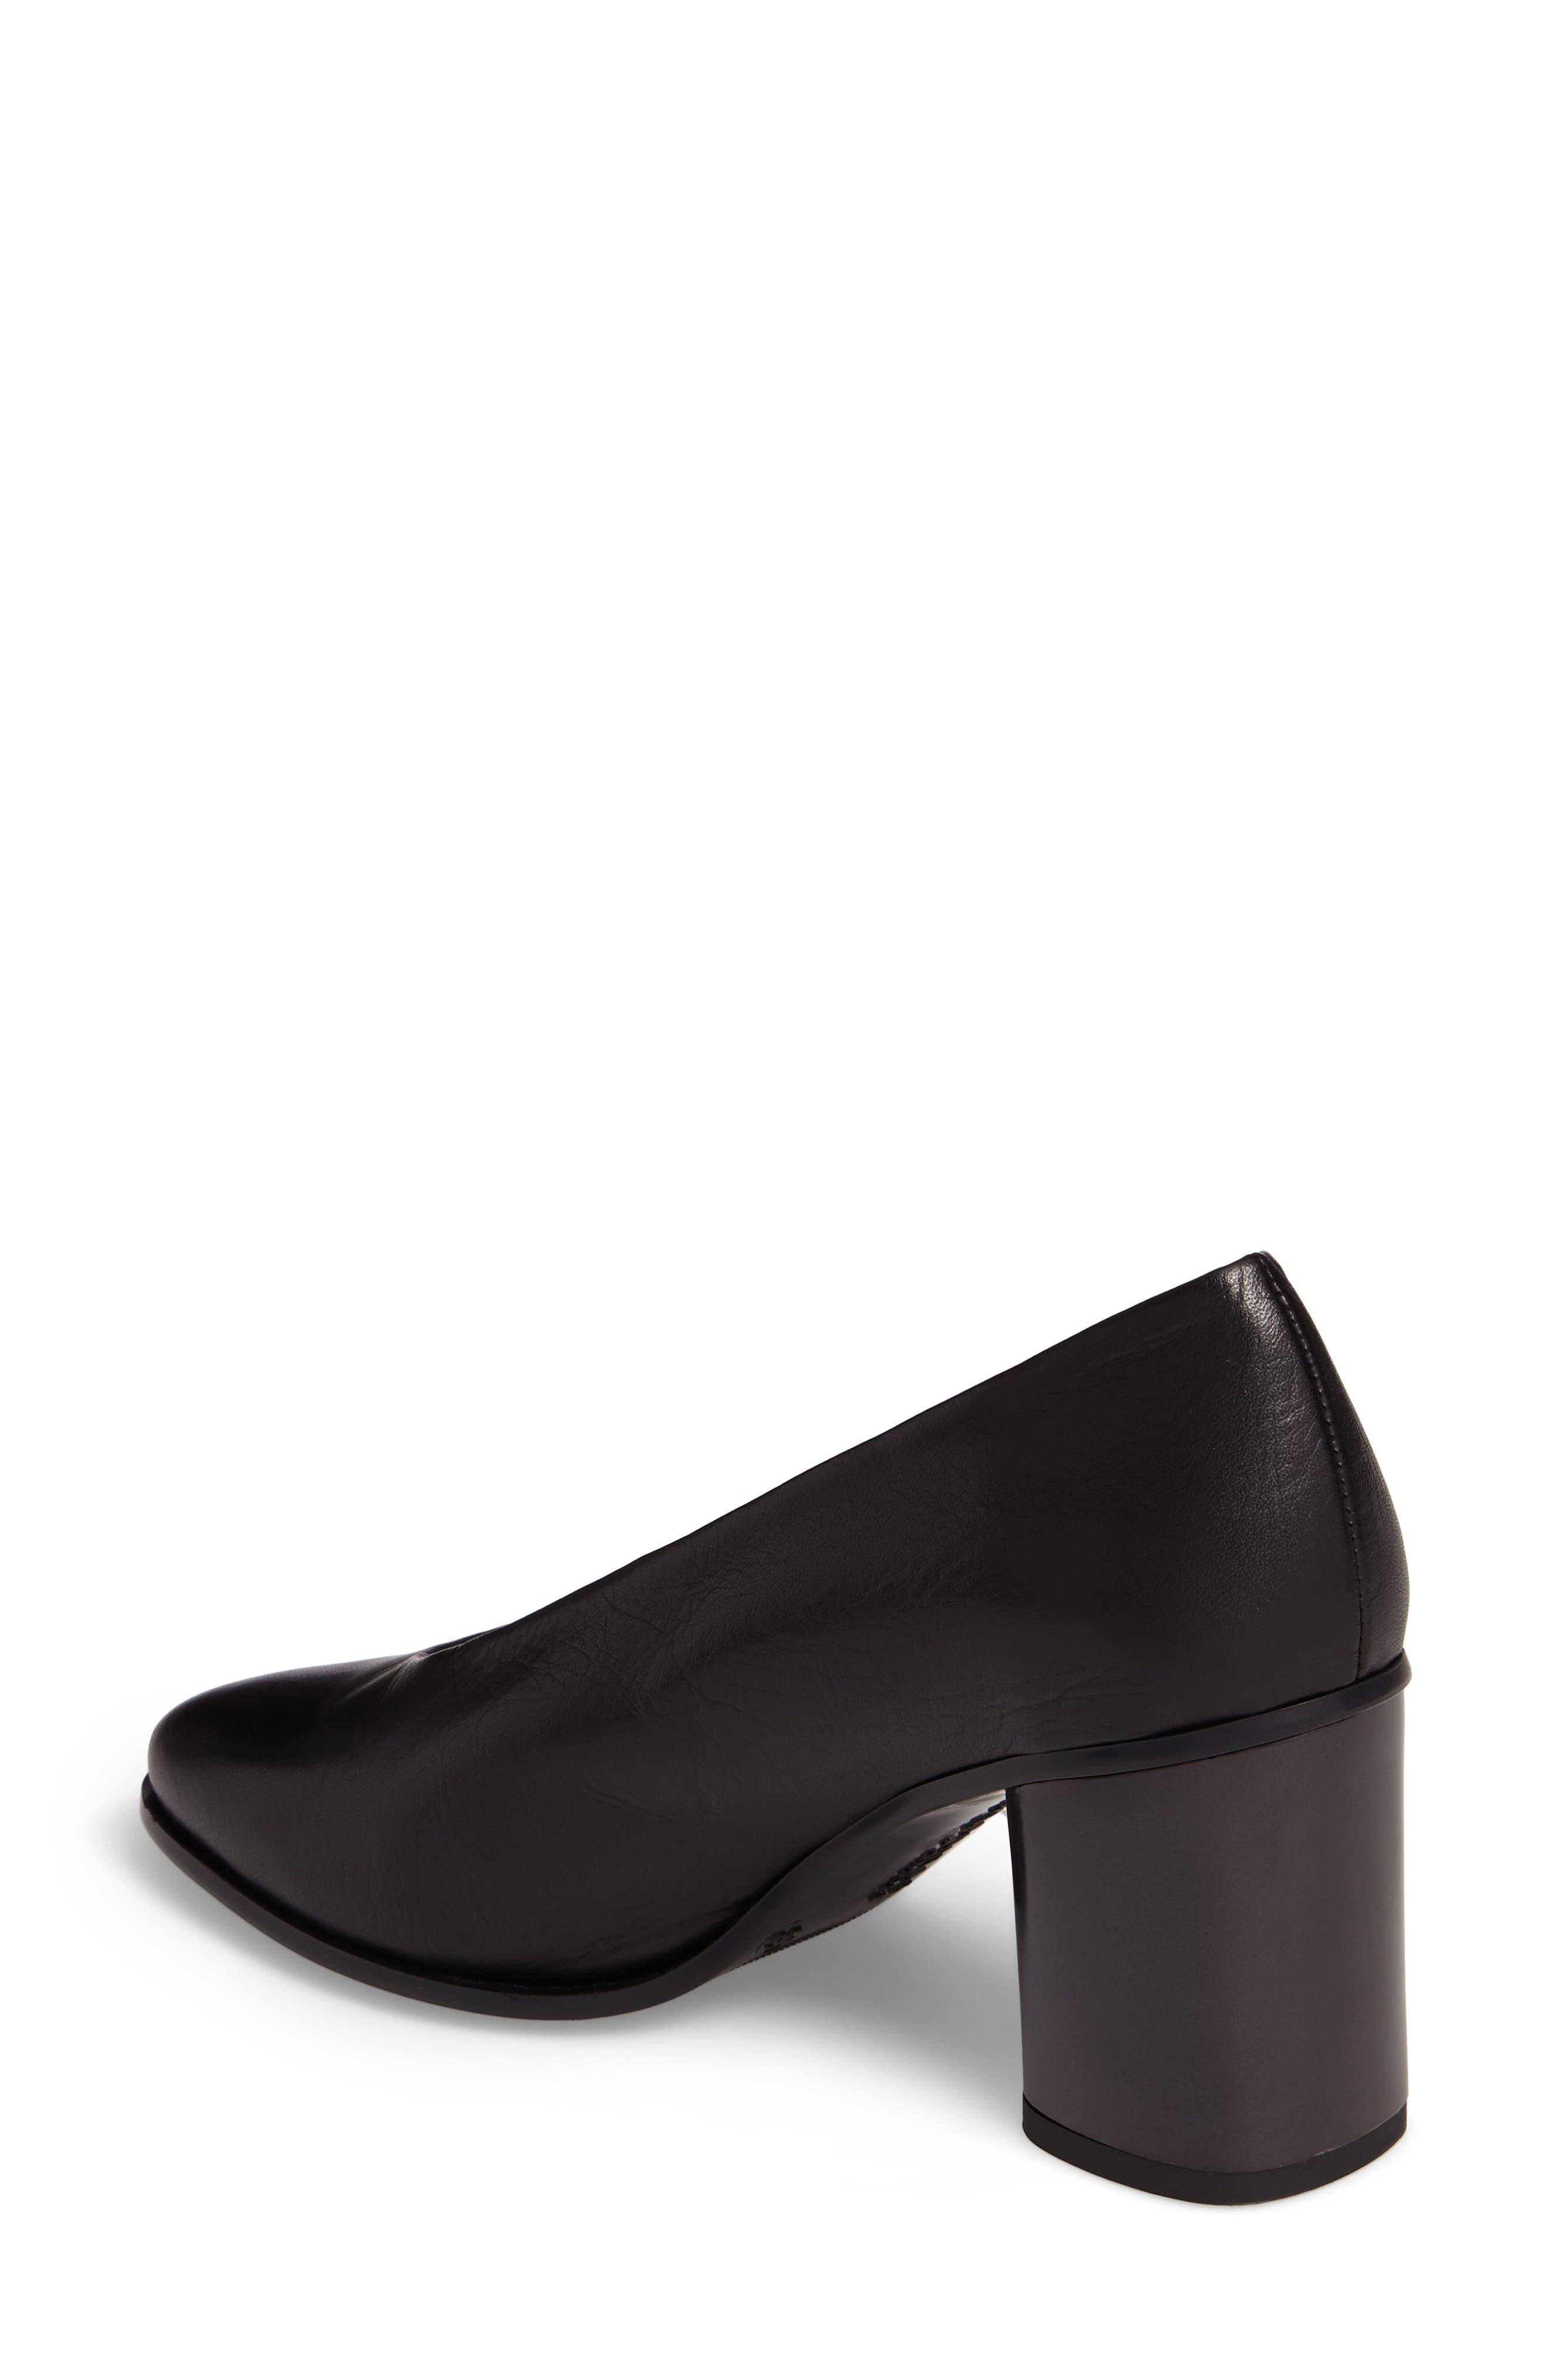 Alternate Image 2  - Hispanitas Maddie Block Heel Pump (Women)